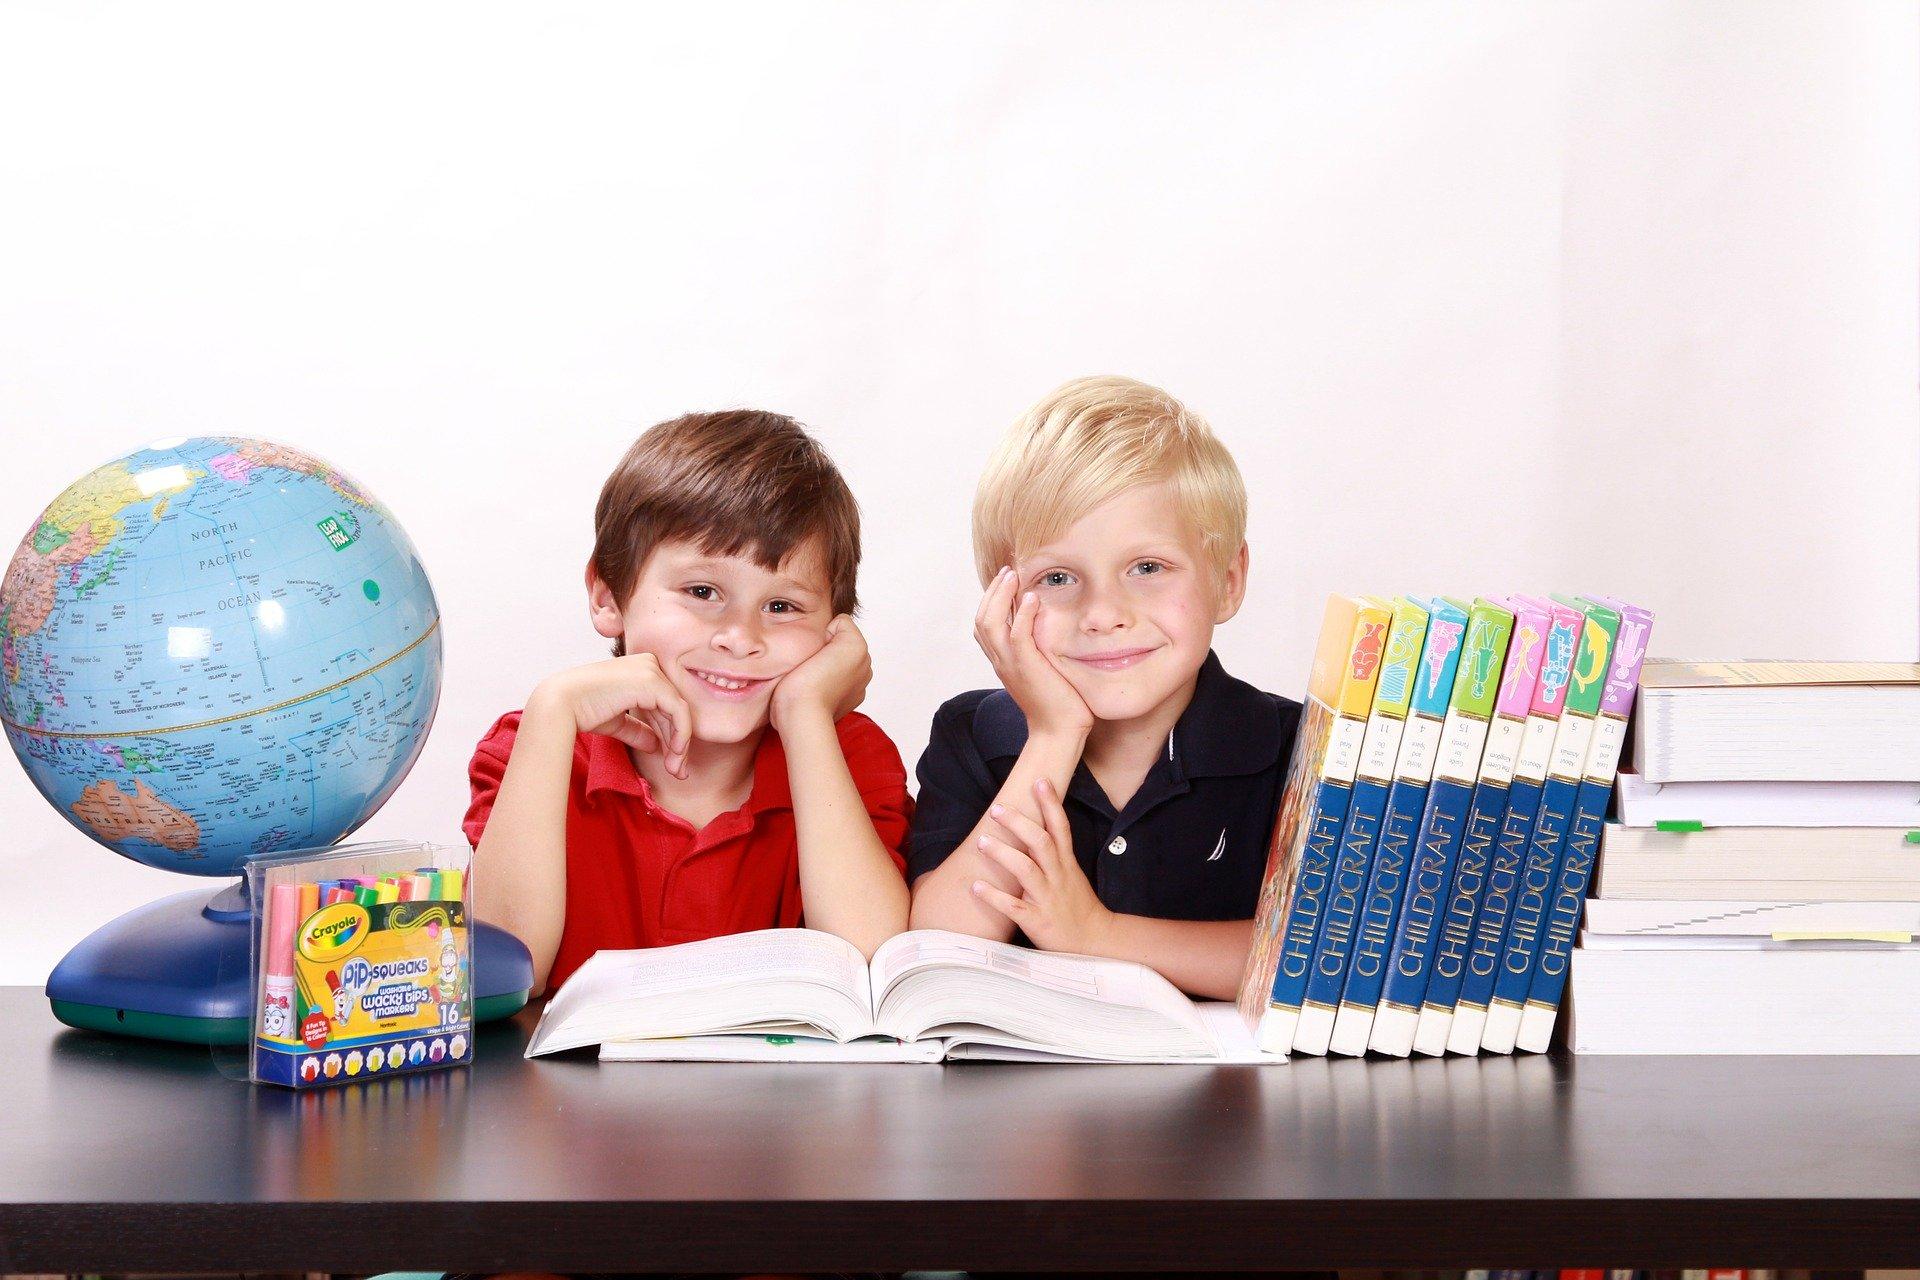 Zile libere acordate parintilor pentru supravegherea copiilor din unitatile de invatamant anteprescolare